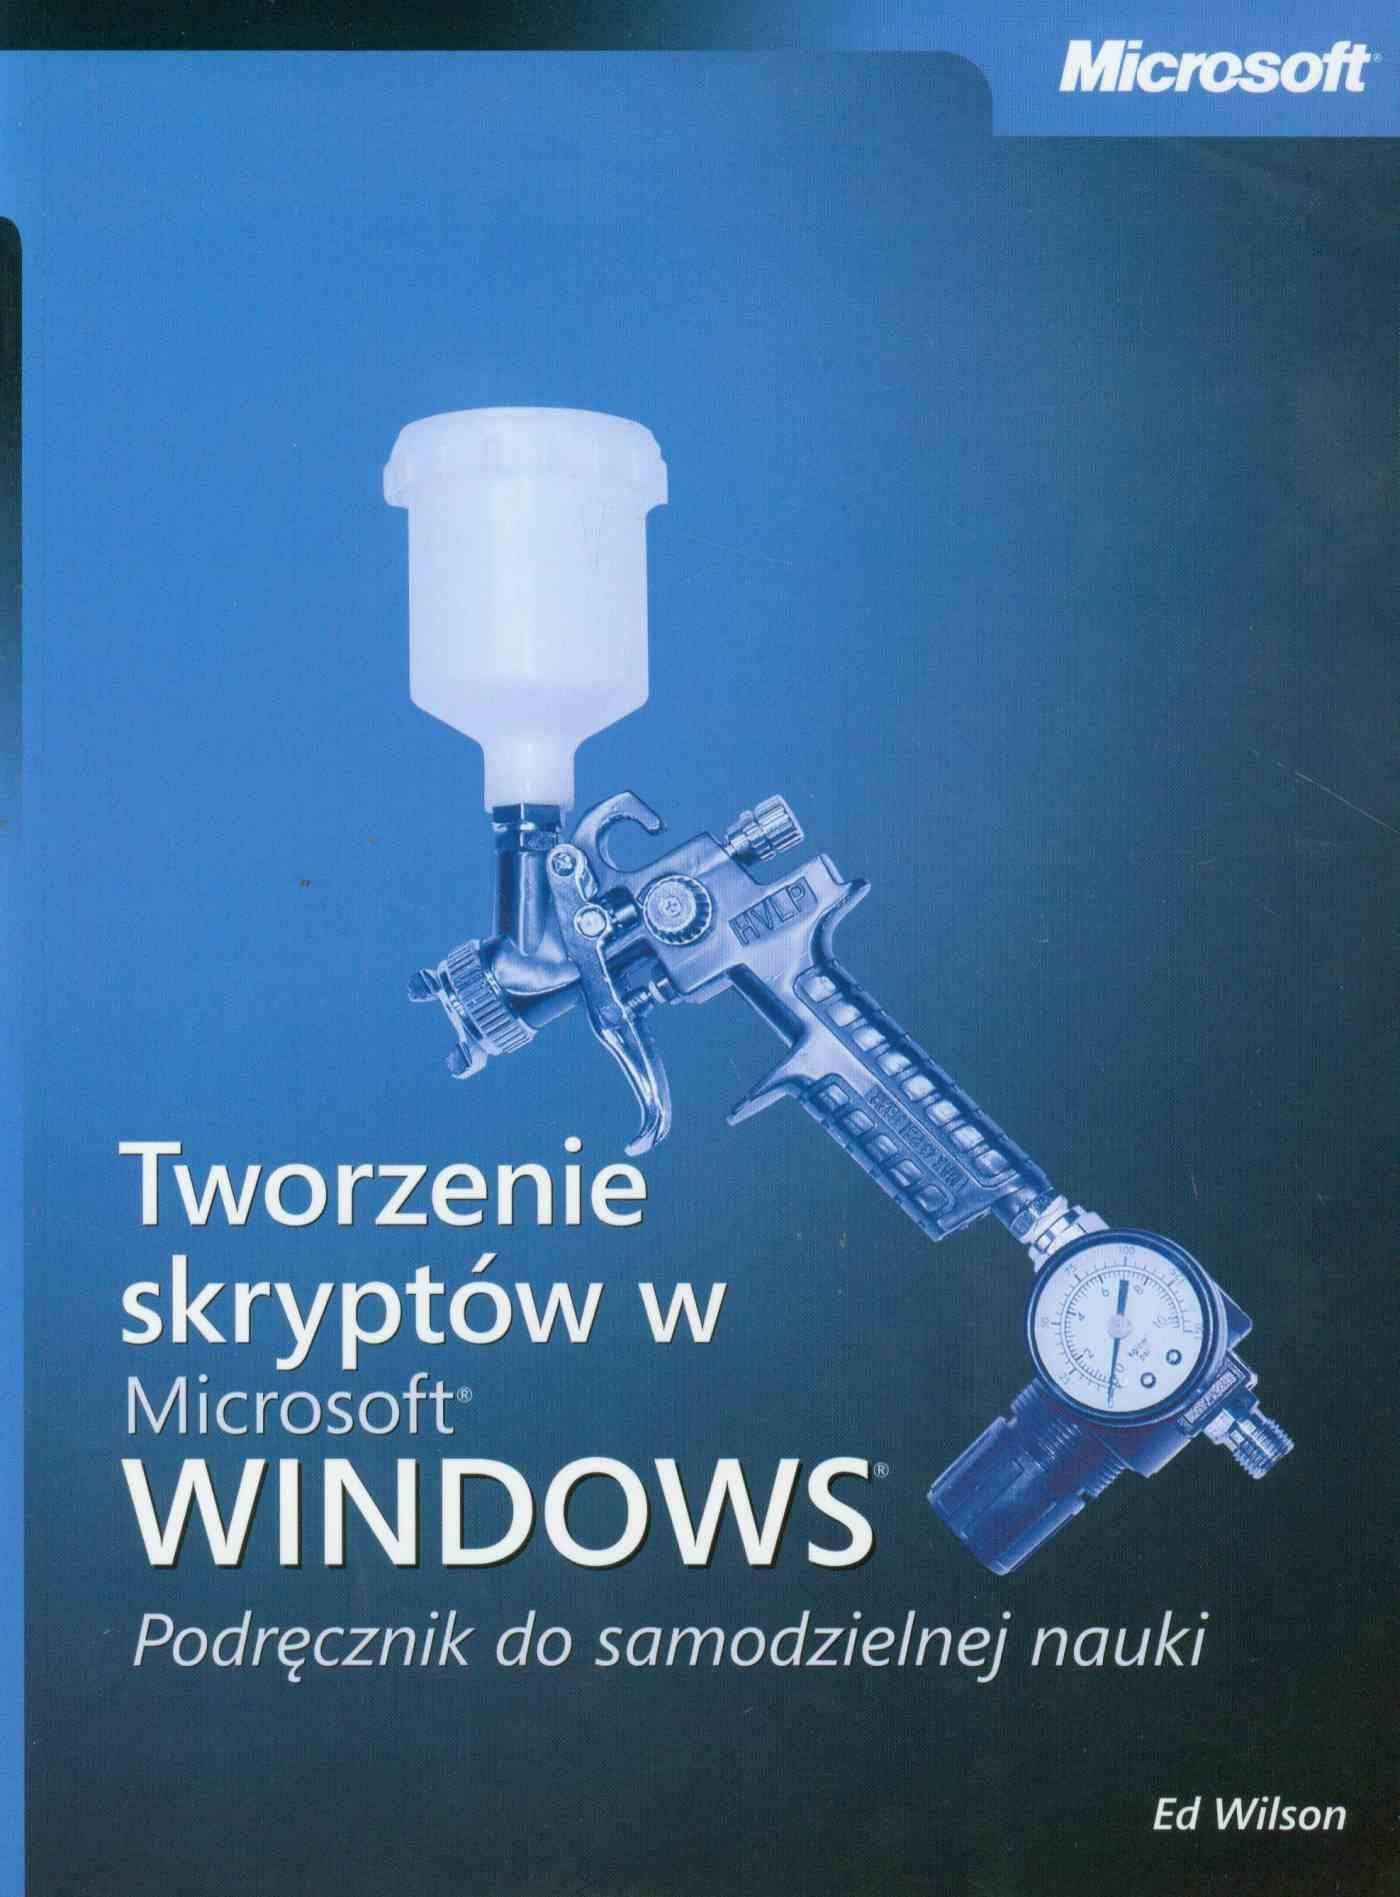 Tworzenie skryptów w Microsoft Windows Podręcznik do samodzielnej nauki - Ebook (Książka PDF) do pobrania w formacie PDF